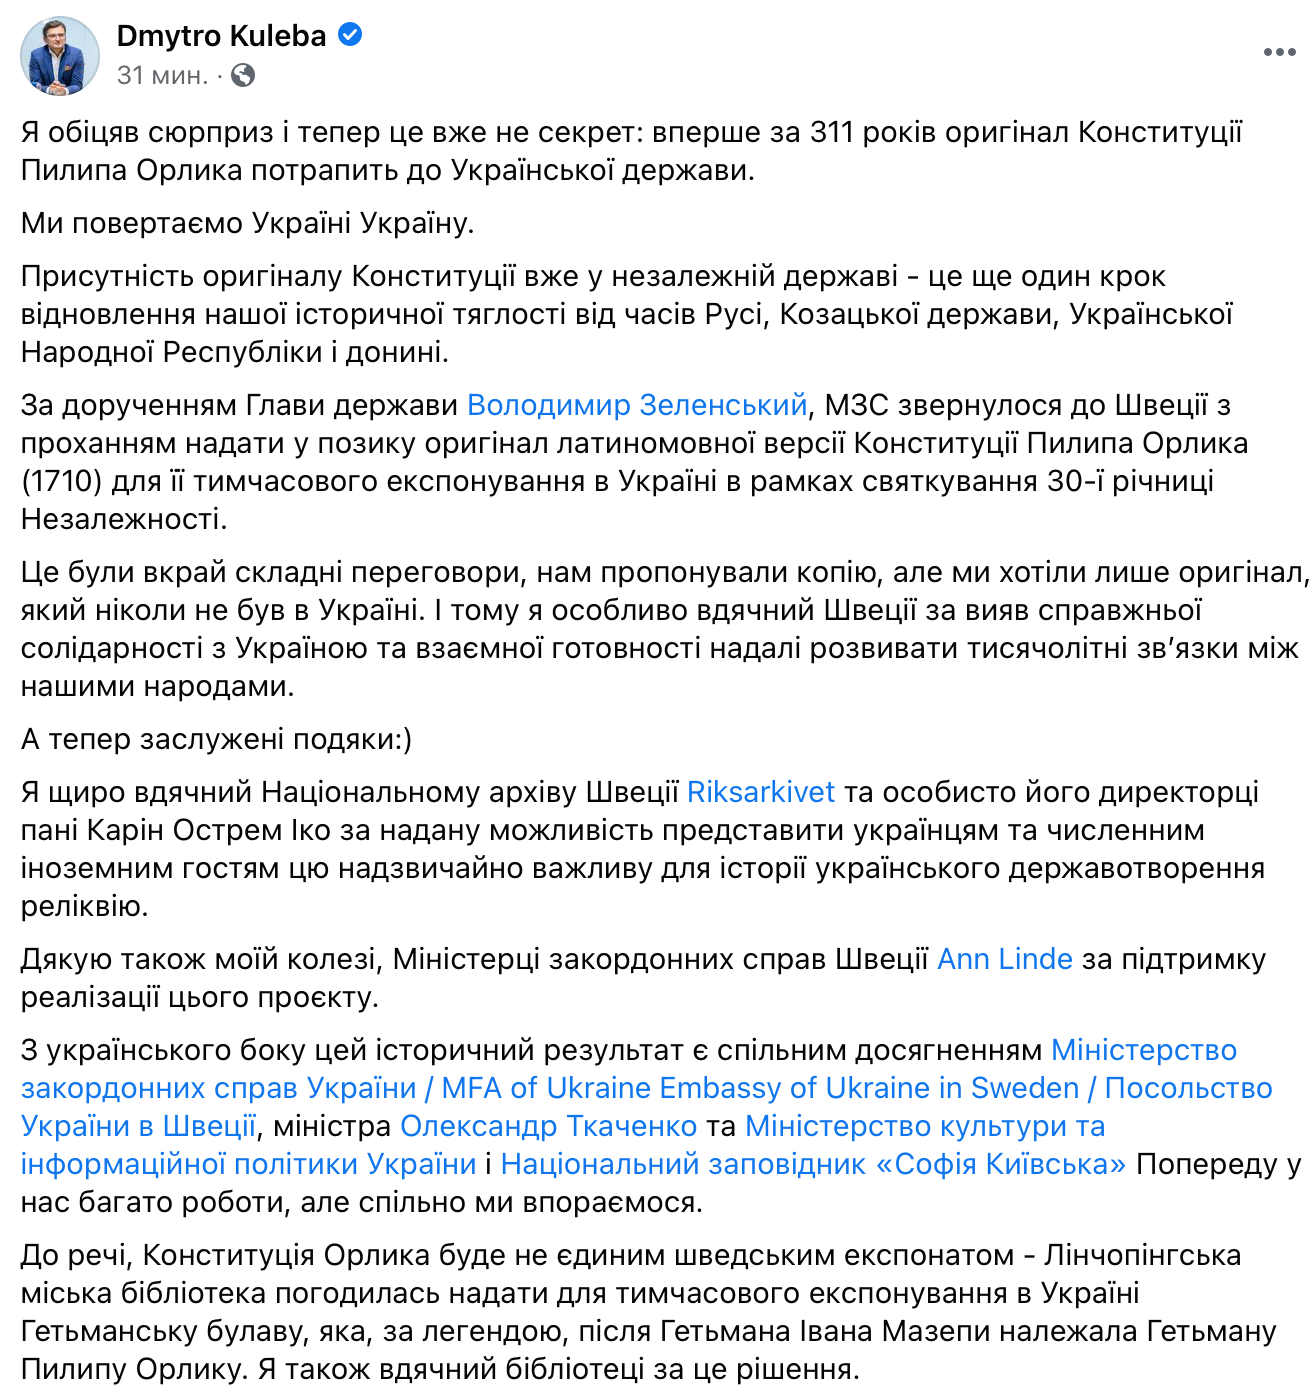 Впервые за 311 лет. В Украину привезут оригинал Конституции Пилипа Орлика